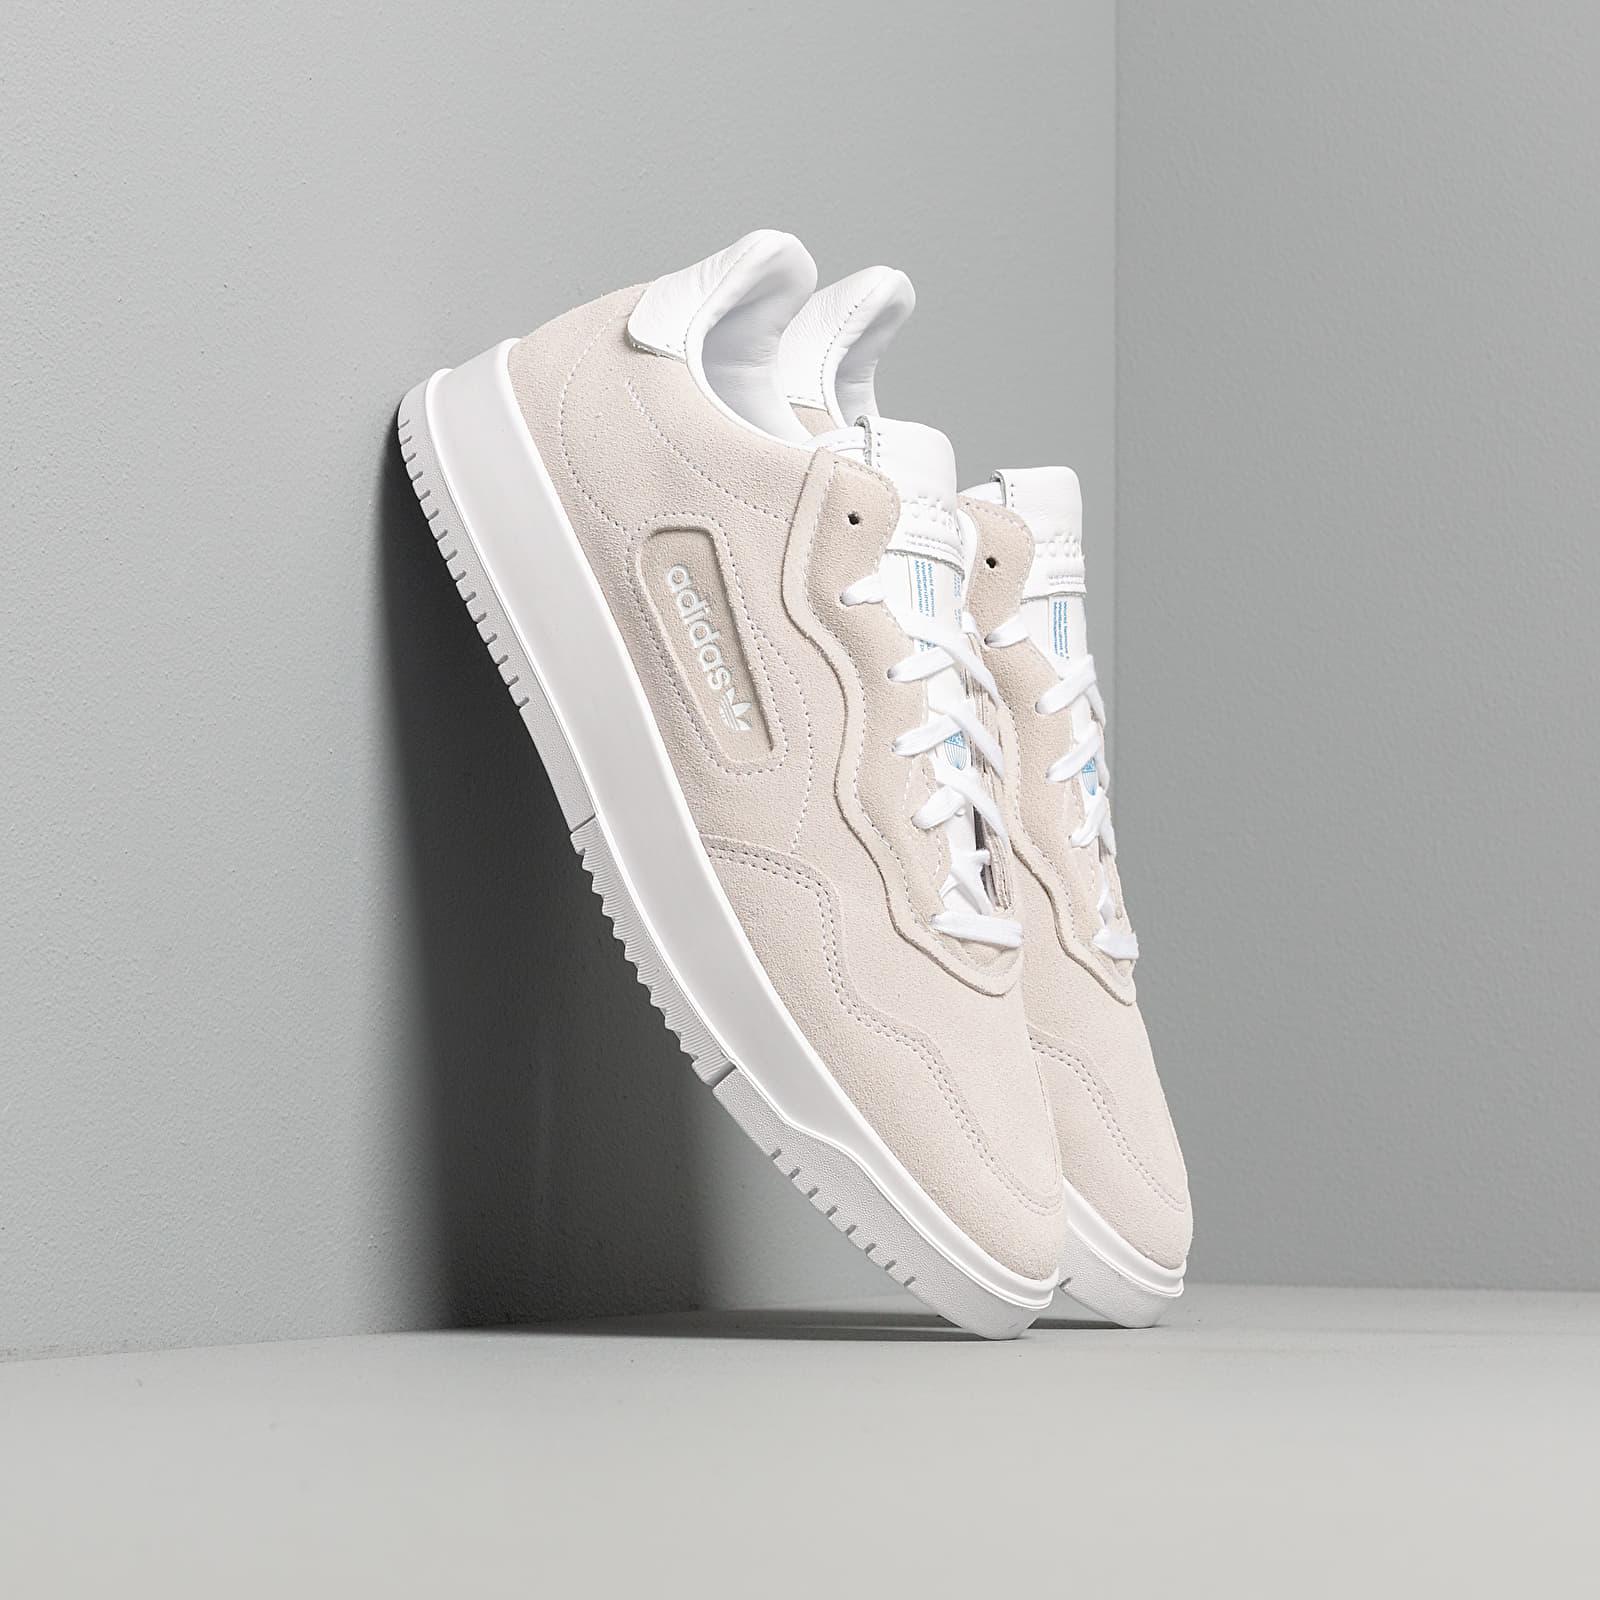 Men's shoes adidas SC Premiere Ftw White/ Ftw White/ Core Black